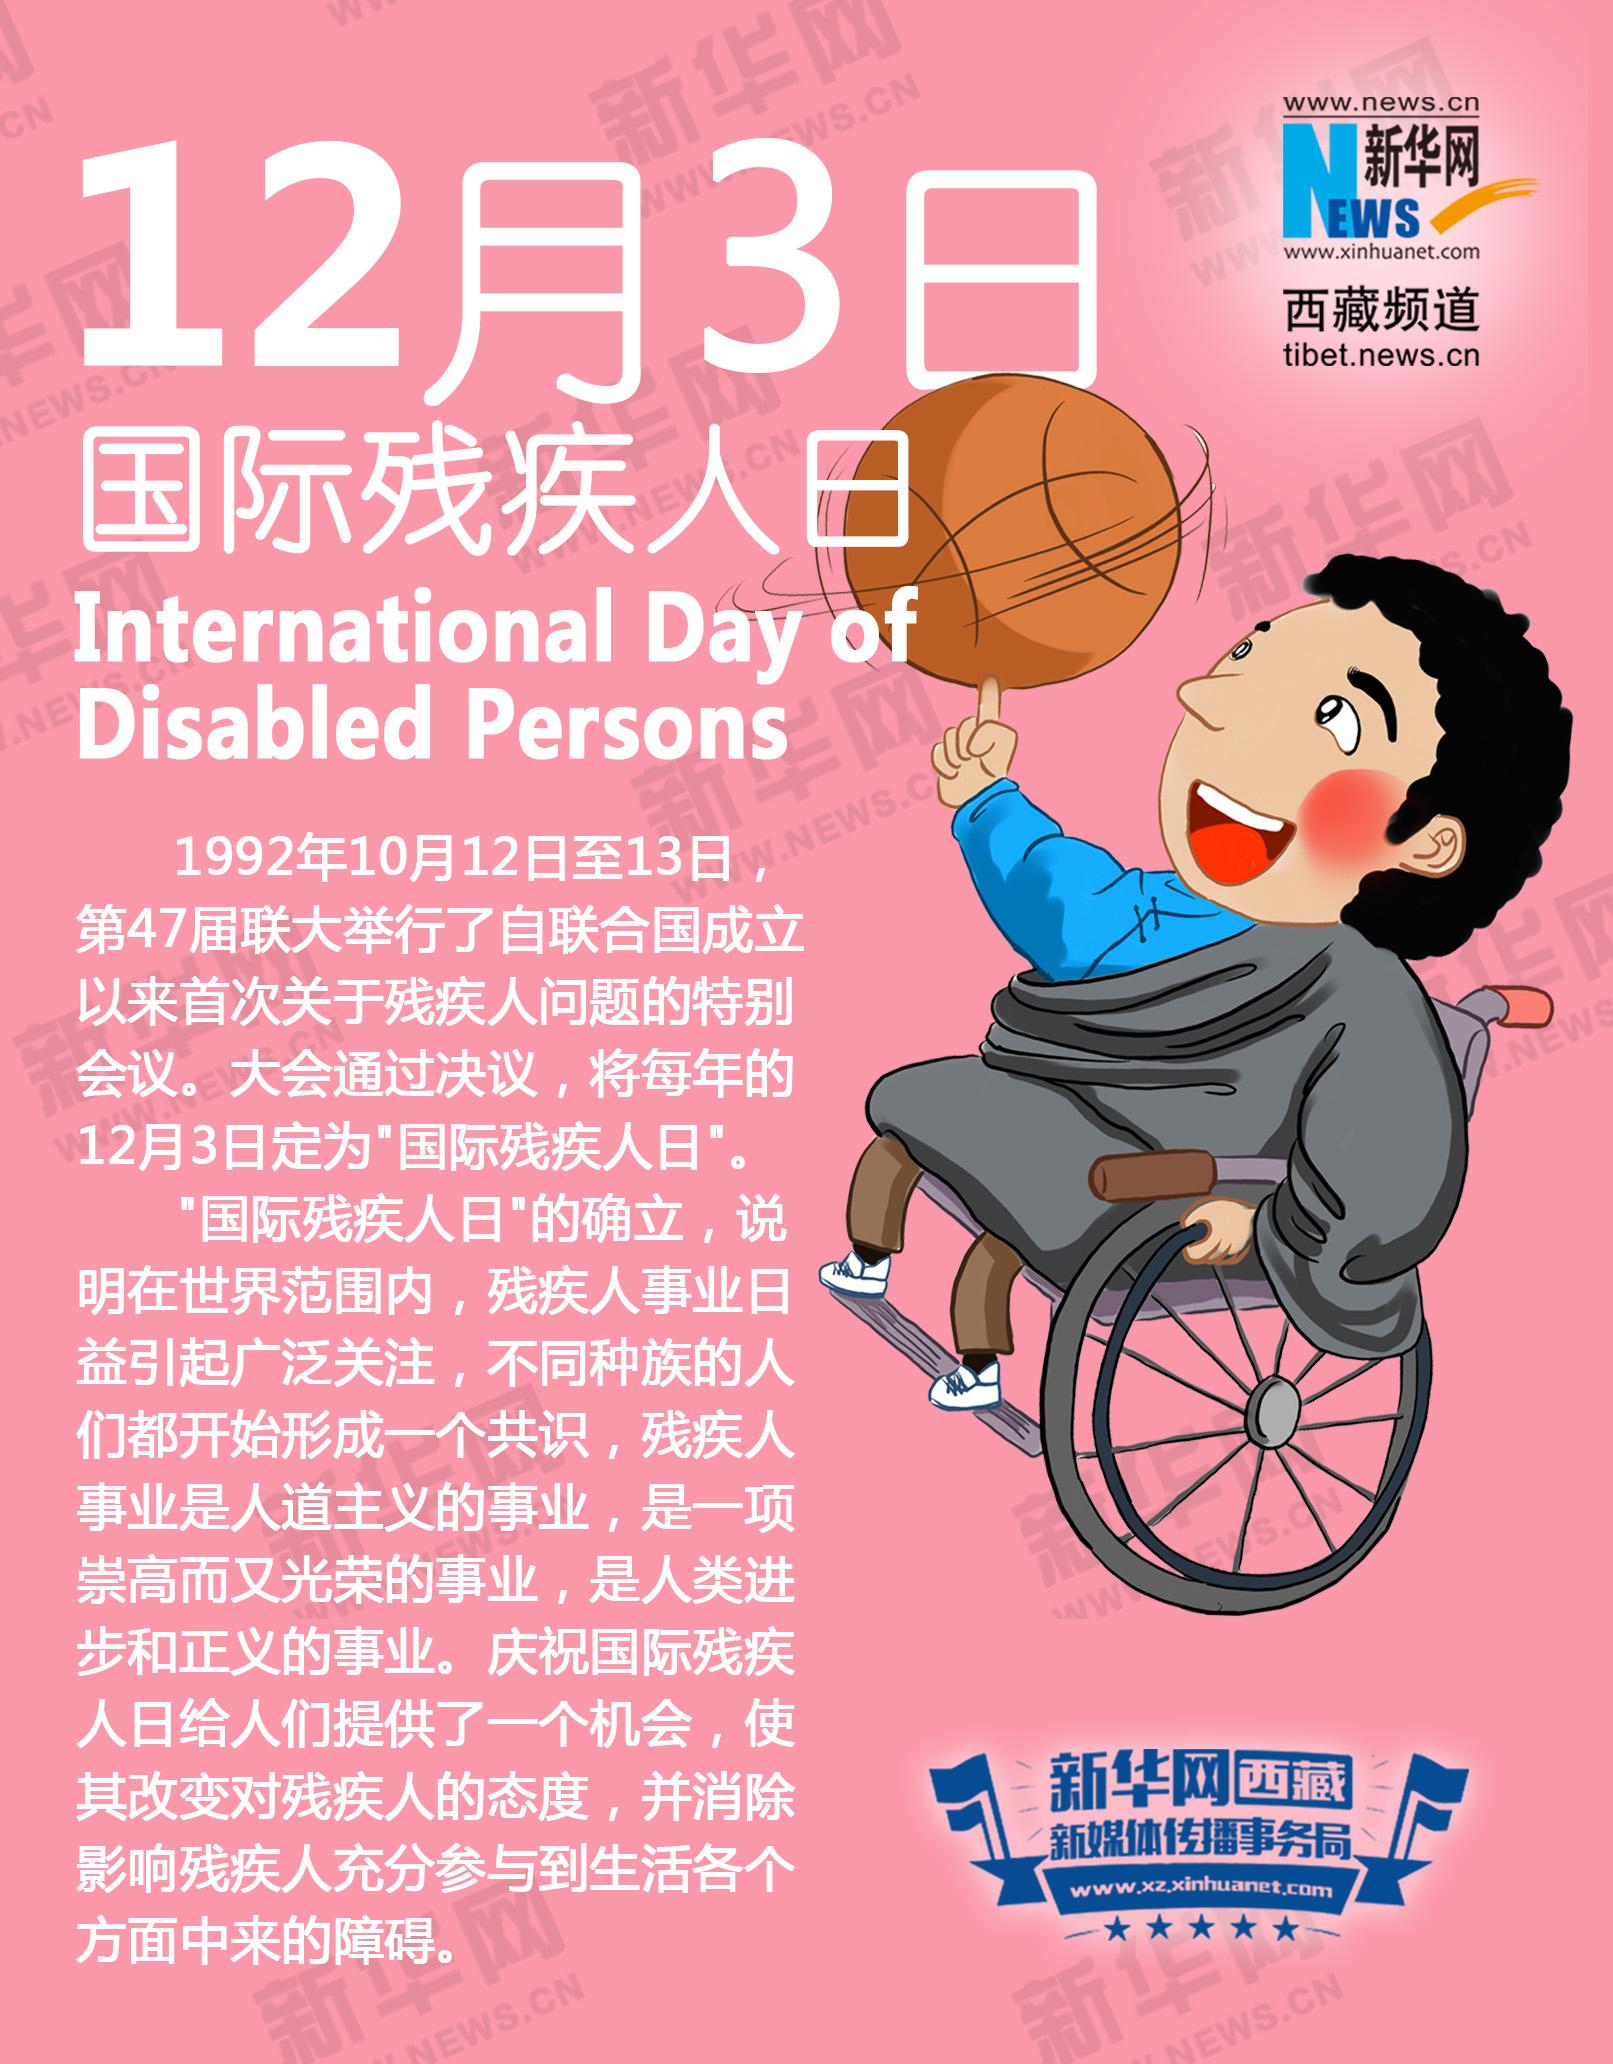 国际残疾人日:关爱残疾人 西藏在行动